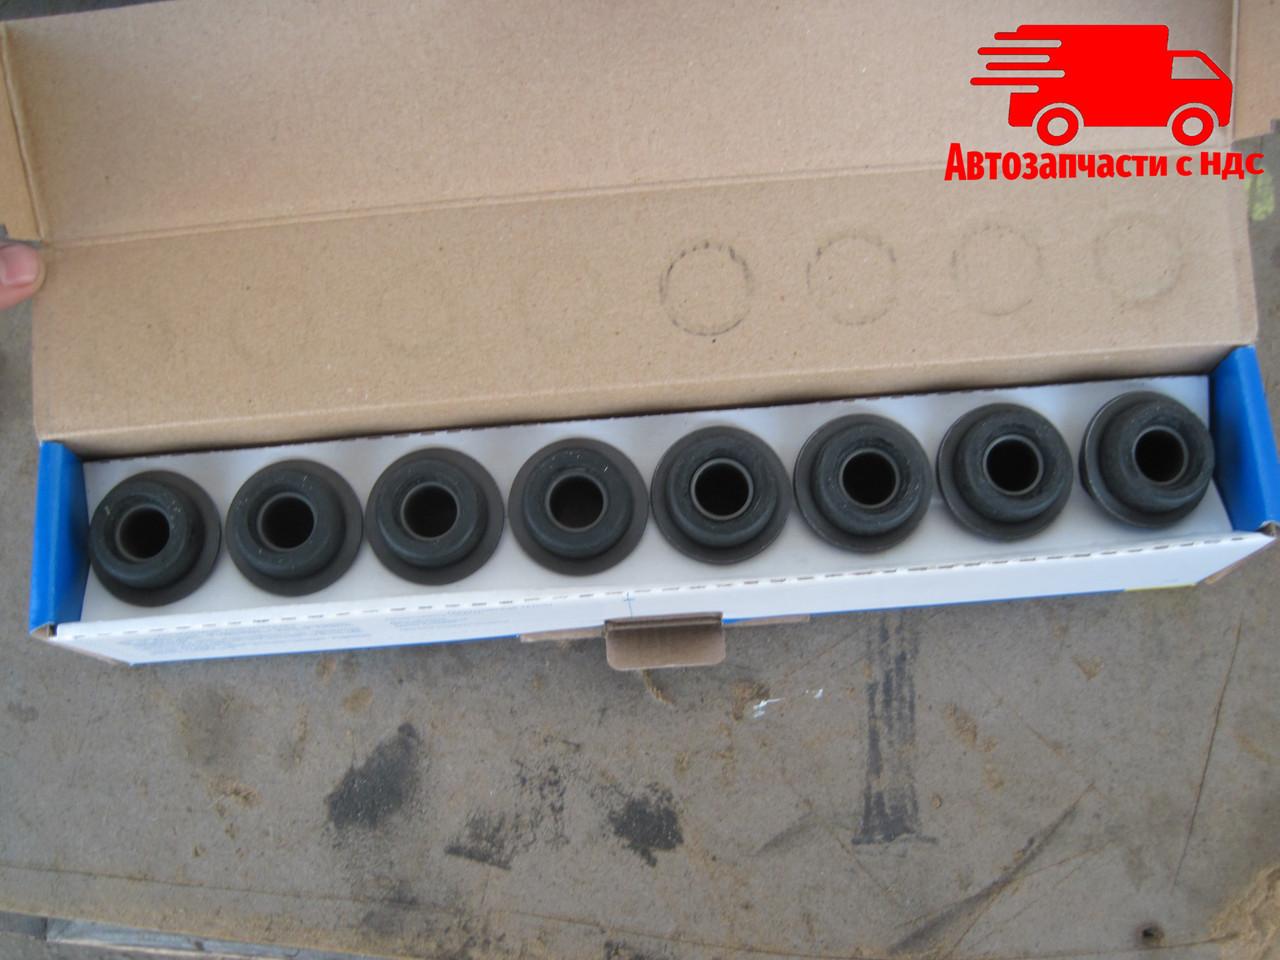 Сайлентблок подвески ВАЗ 2121, 21213, 21214, НИВА (комплект 8 штук) (SBST-102) (пр-во Трек). Ціна з ПДВ.